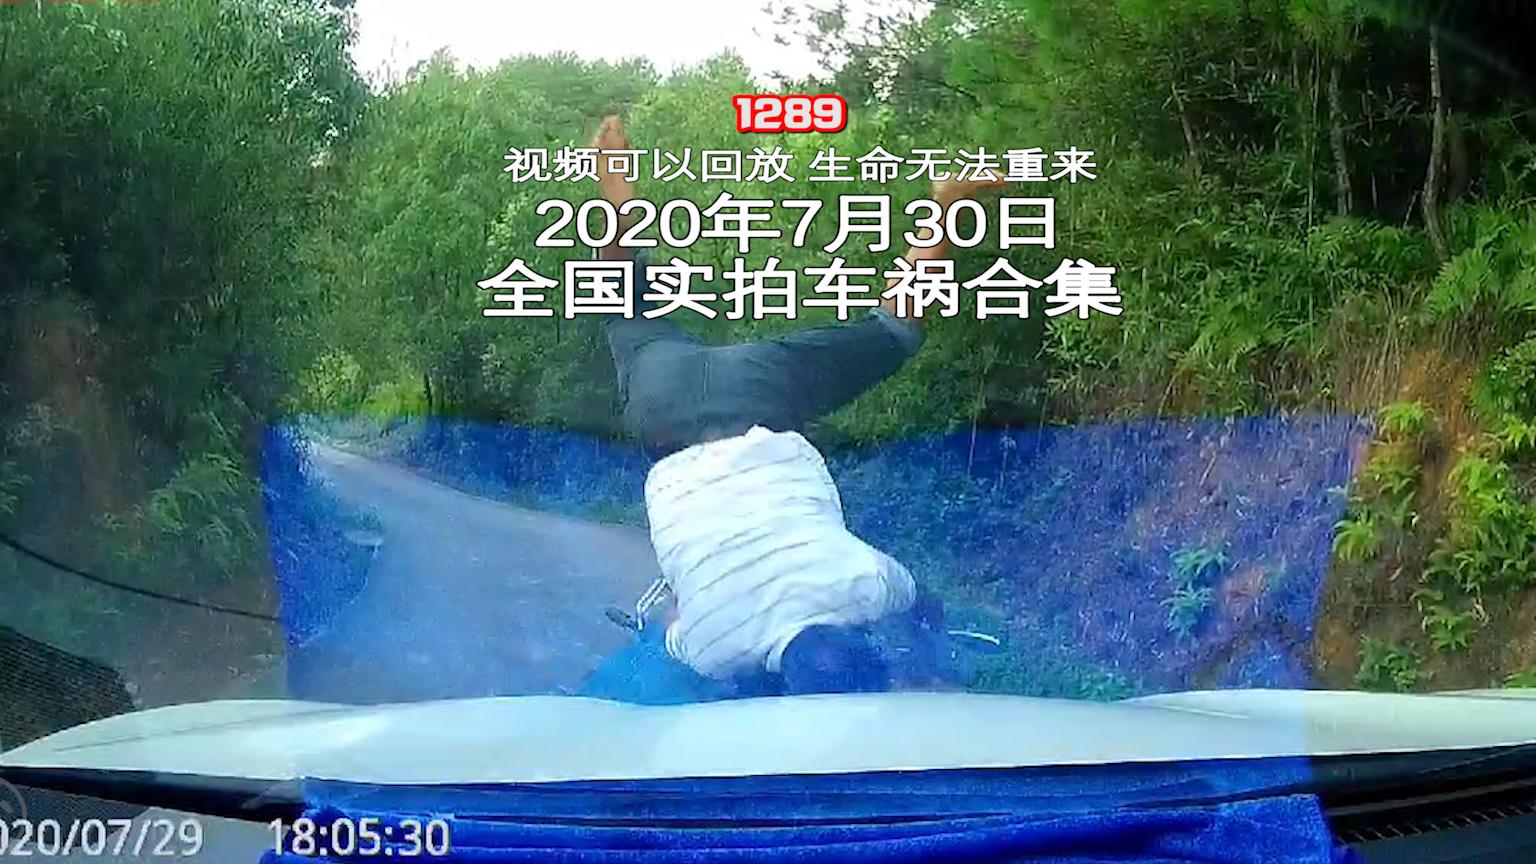 1289期:面包车失控撞中间护栏后撞向对向车辆【20200730全国车祸合集】